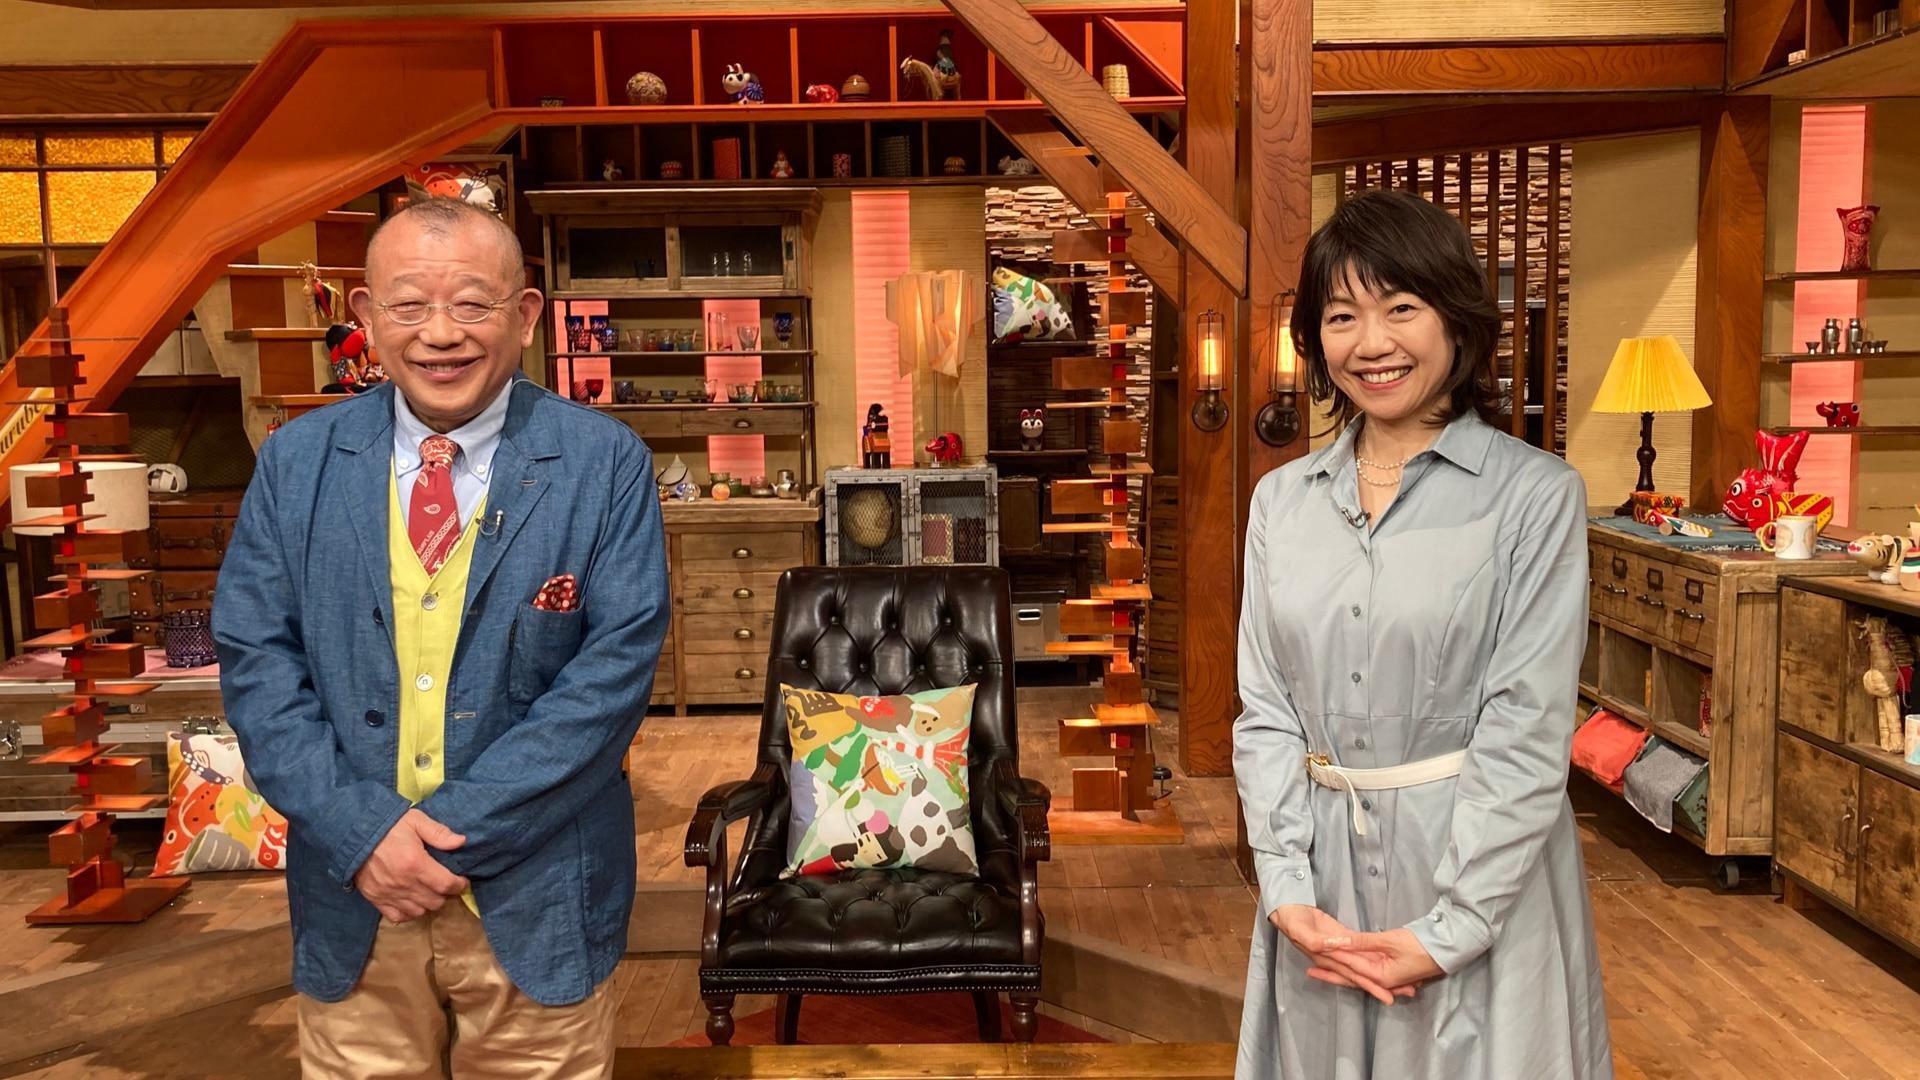 特別編 高橋尚子と福島スペシャル」 - 鶴瓶の家族に乾杯 - NHK